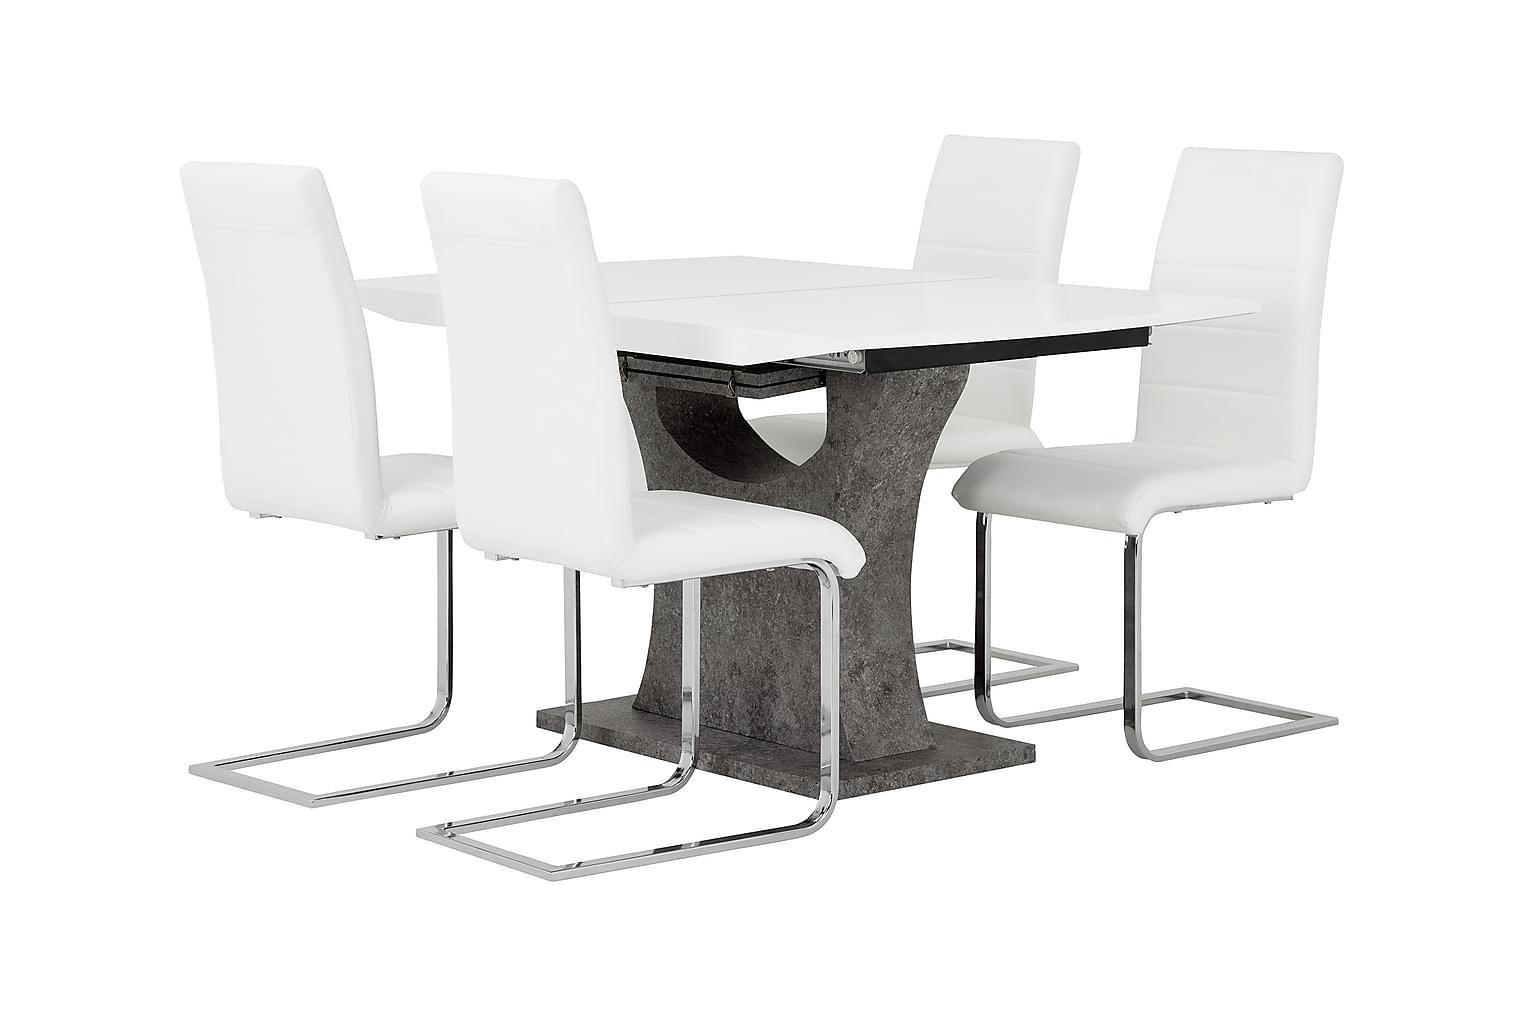 ELLA Pöytä 140 Valkoinen/Betoni + 4 EMÅN Tuoli Valkoinen